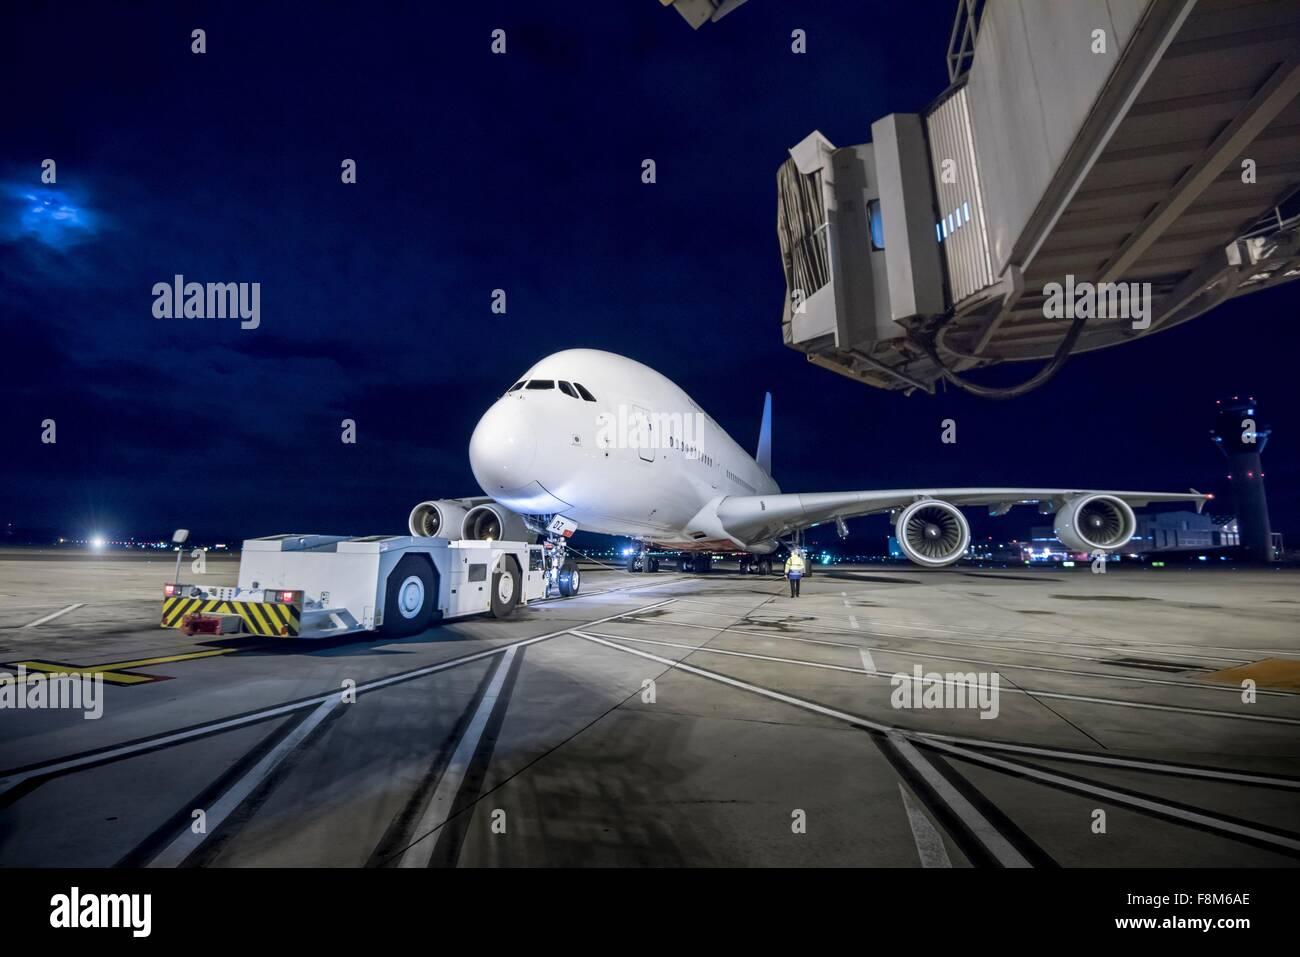 Ingegnere capo con un380 sulla pista di notte Immagini Stock